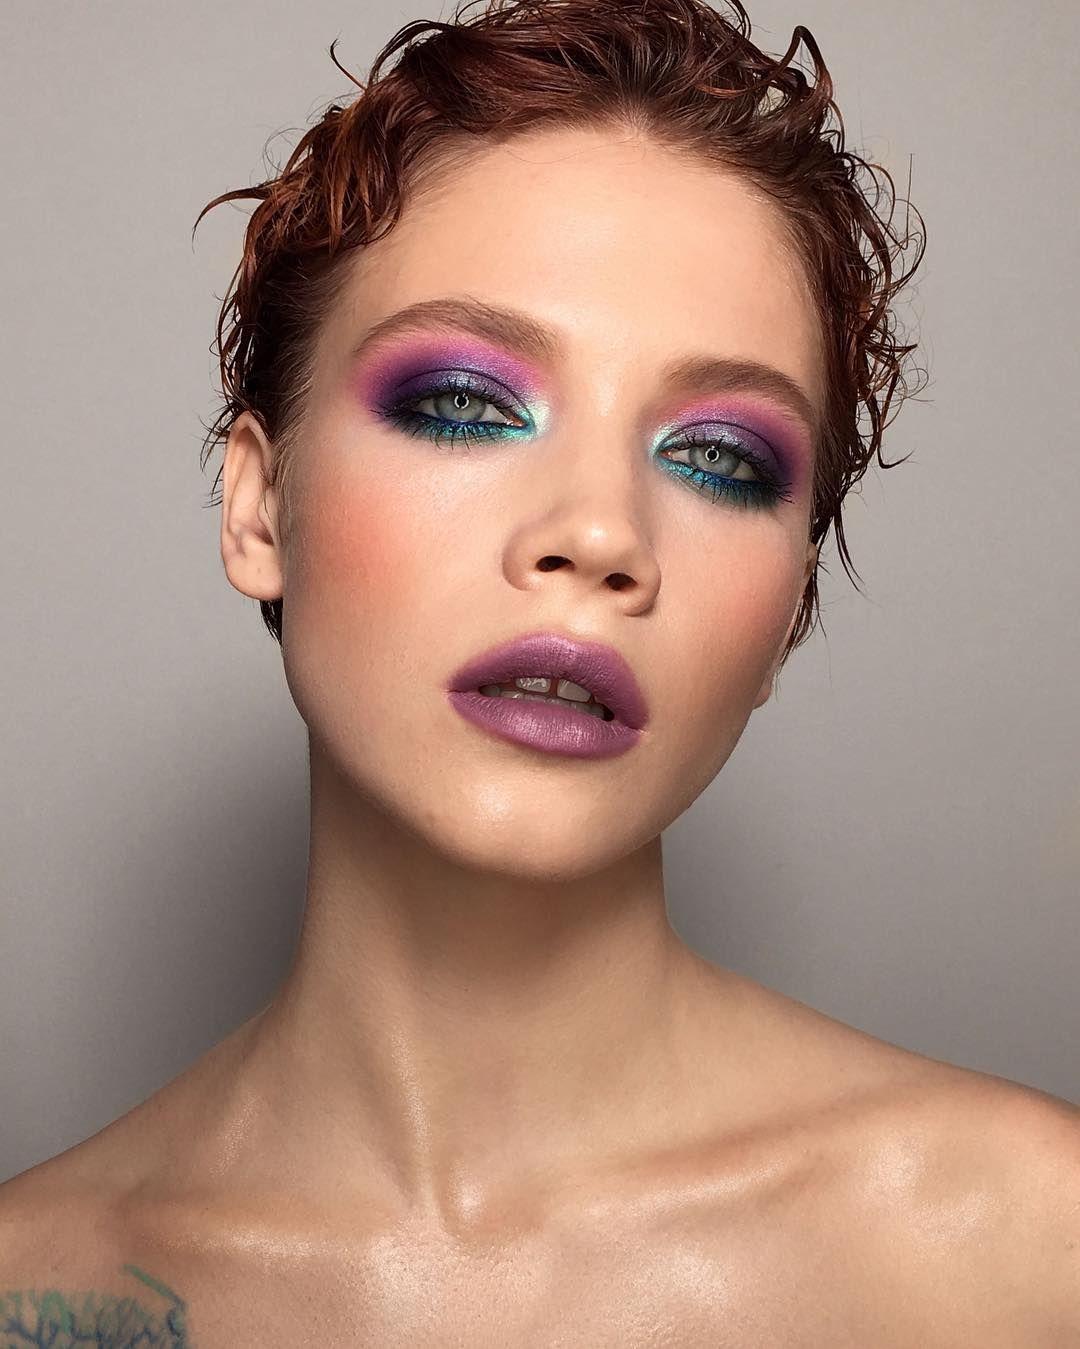 подиумные макияжи фото фото резюме функция